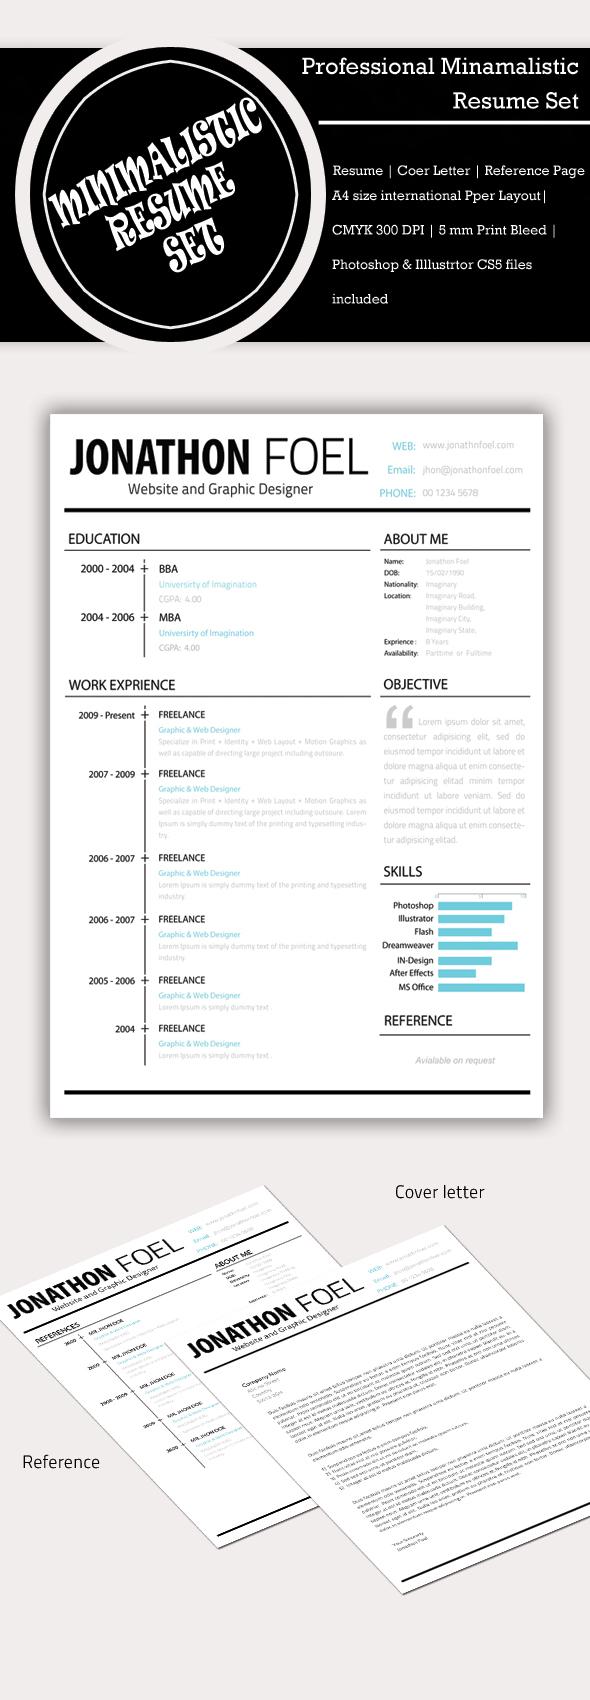 Minimalistic-Resume-Template